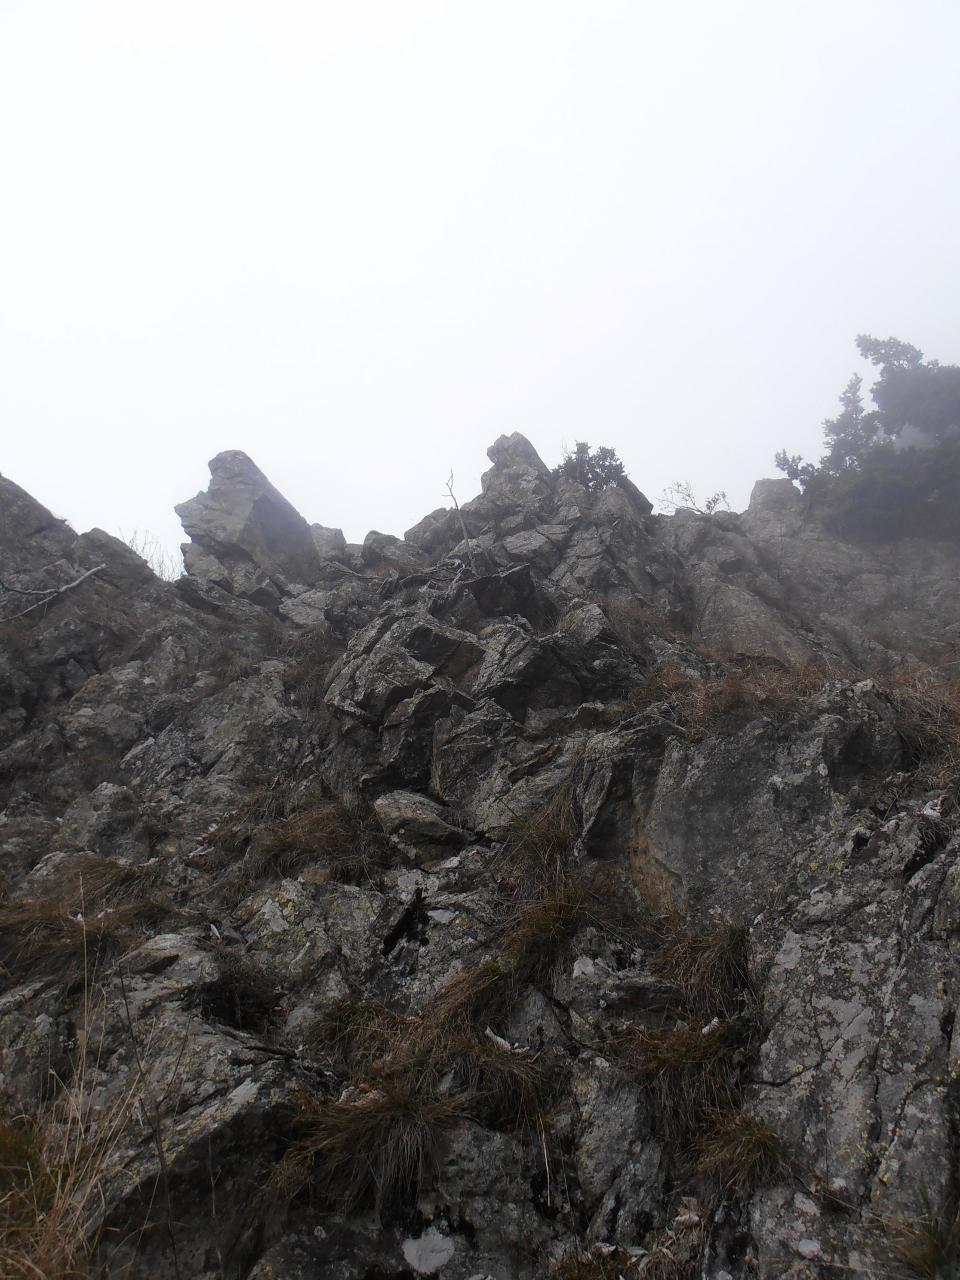 06 - il sentiero Aldo Mari si inerpica tra roccette e cengie